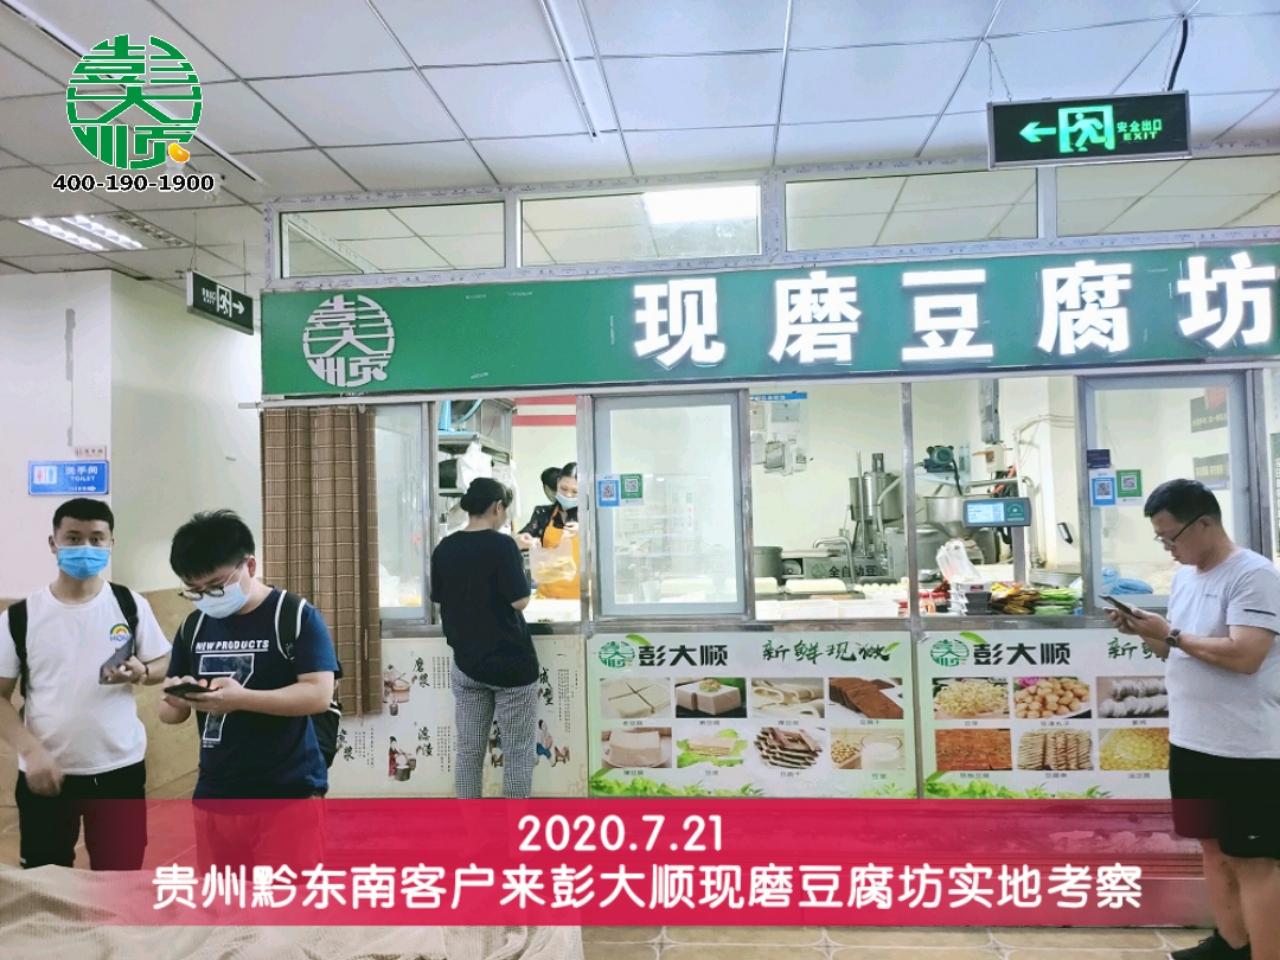 石老板购买彭乐天堂Fun88国际全自动乐天堂Fun88开户轻松经营豆制品生意